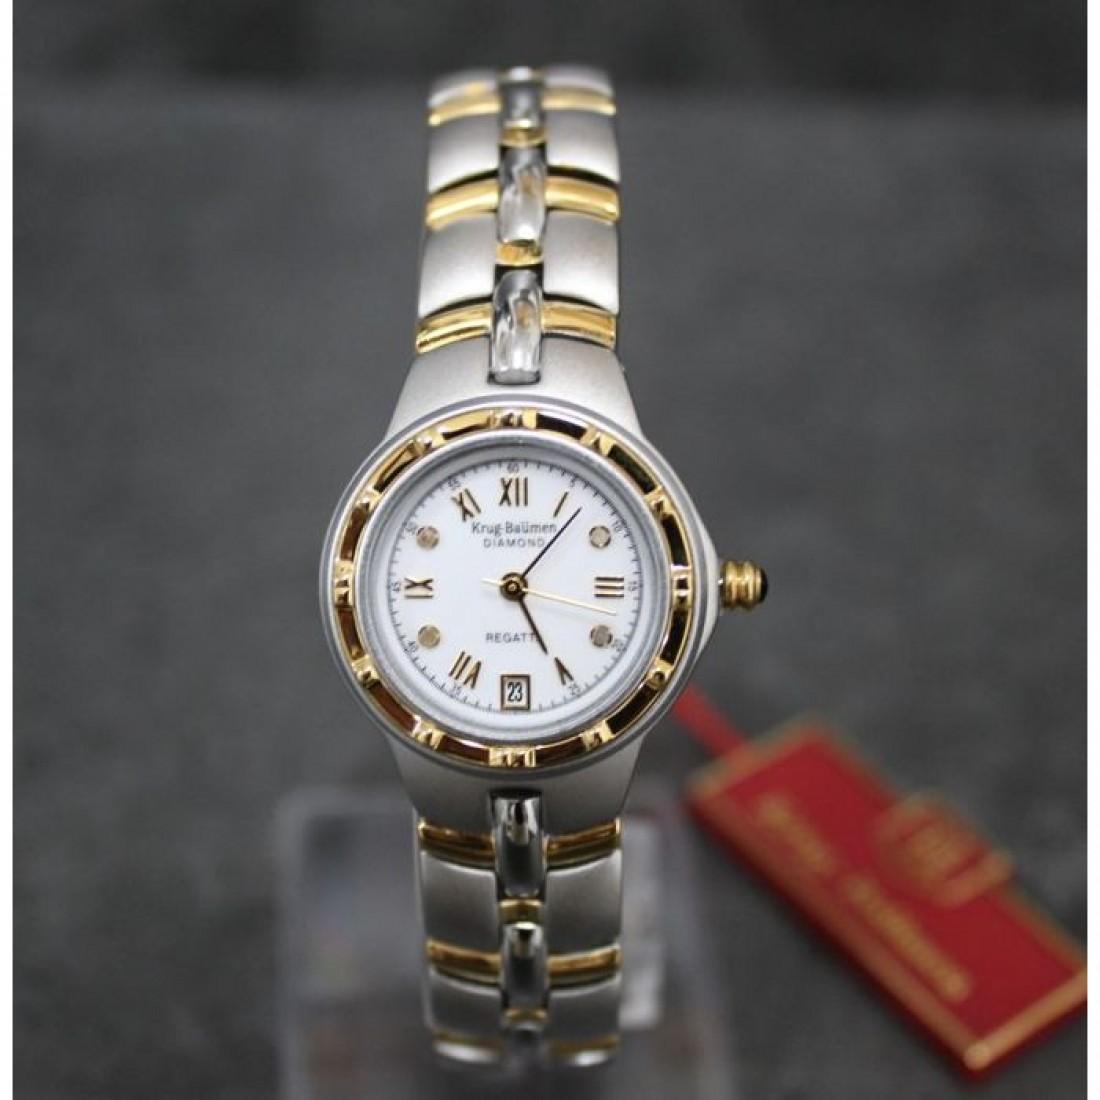 Women's Regatta Diamond Chronograph Watch White Dial